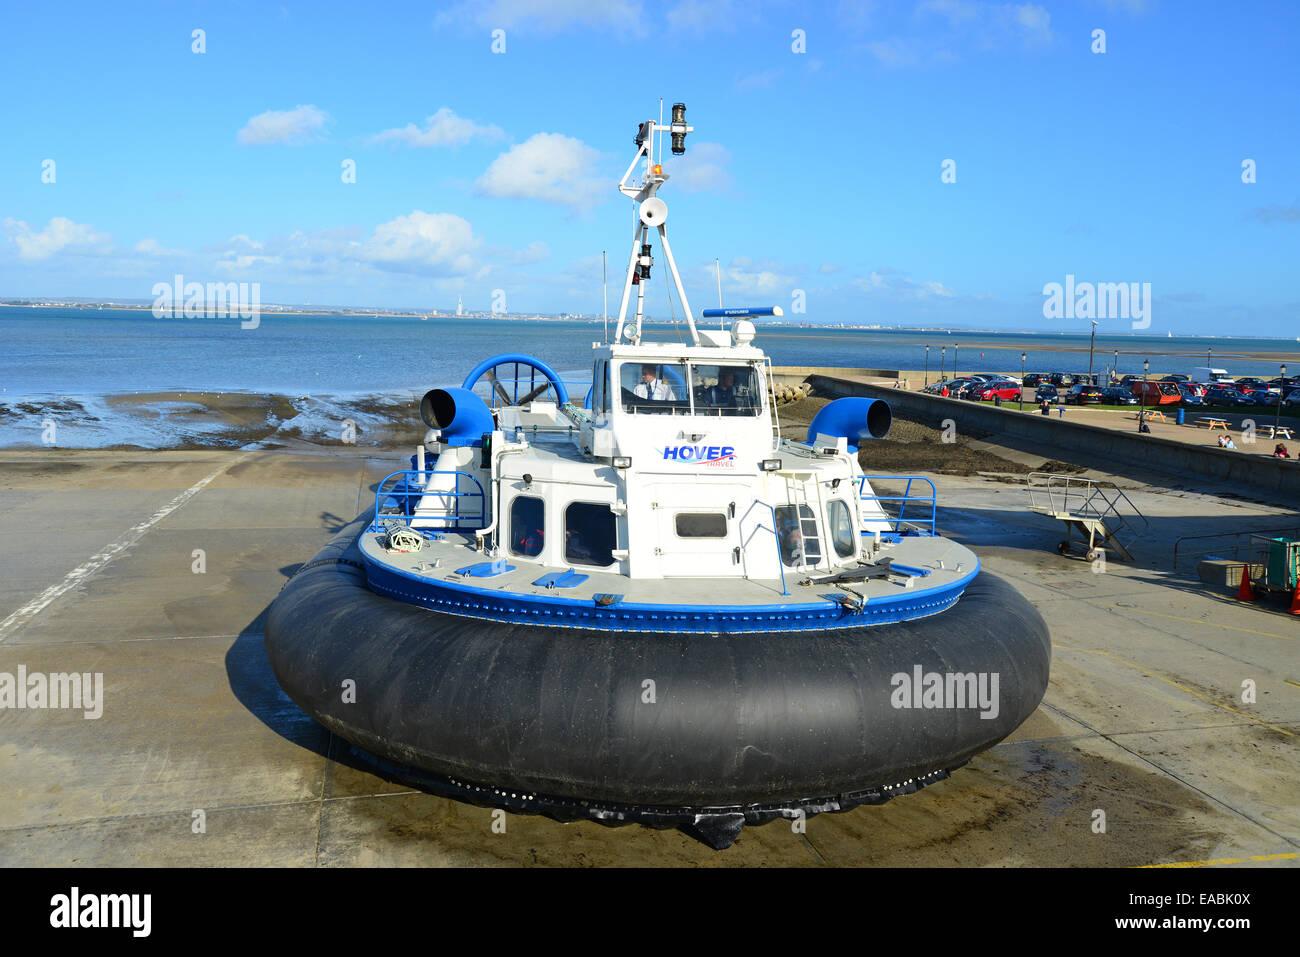 Schweben Sie reisen Hovercraft, Ryde Hafen, Ryde, Isle Of Wight, England, Vereinigtes Königreich Stockbild